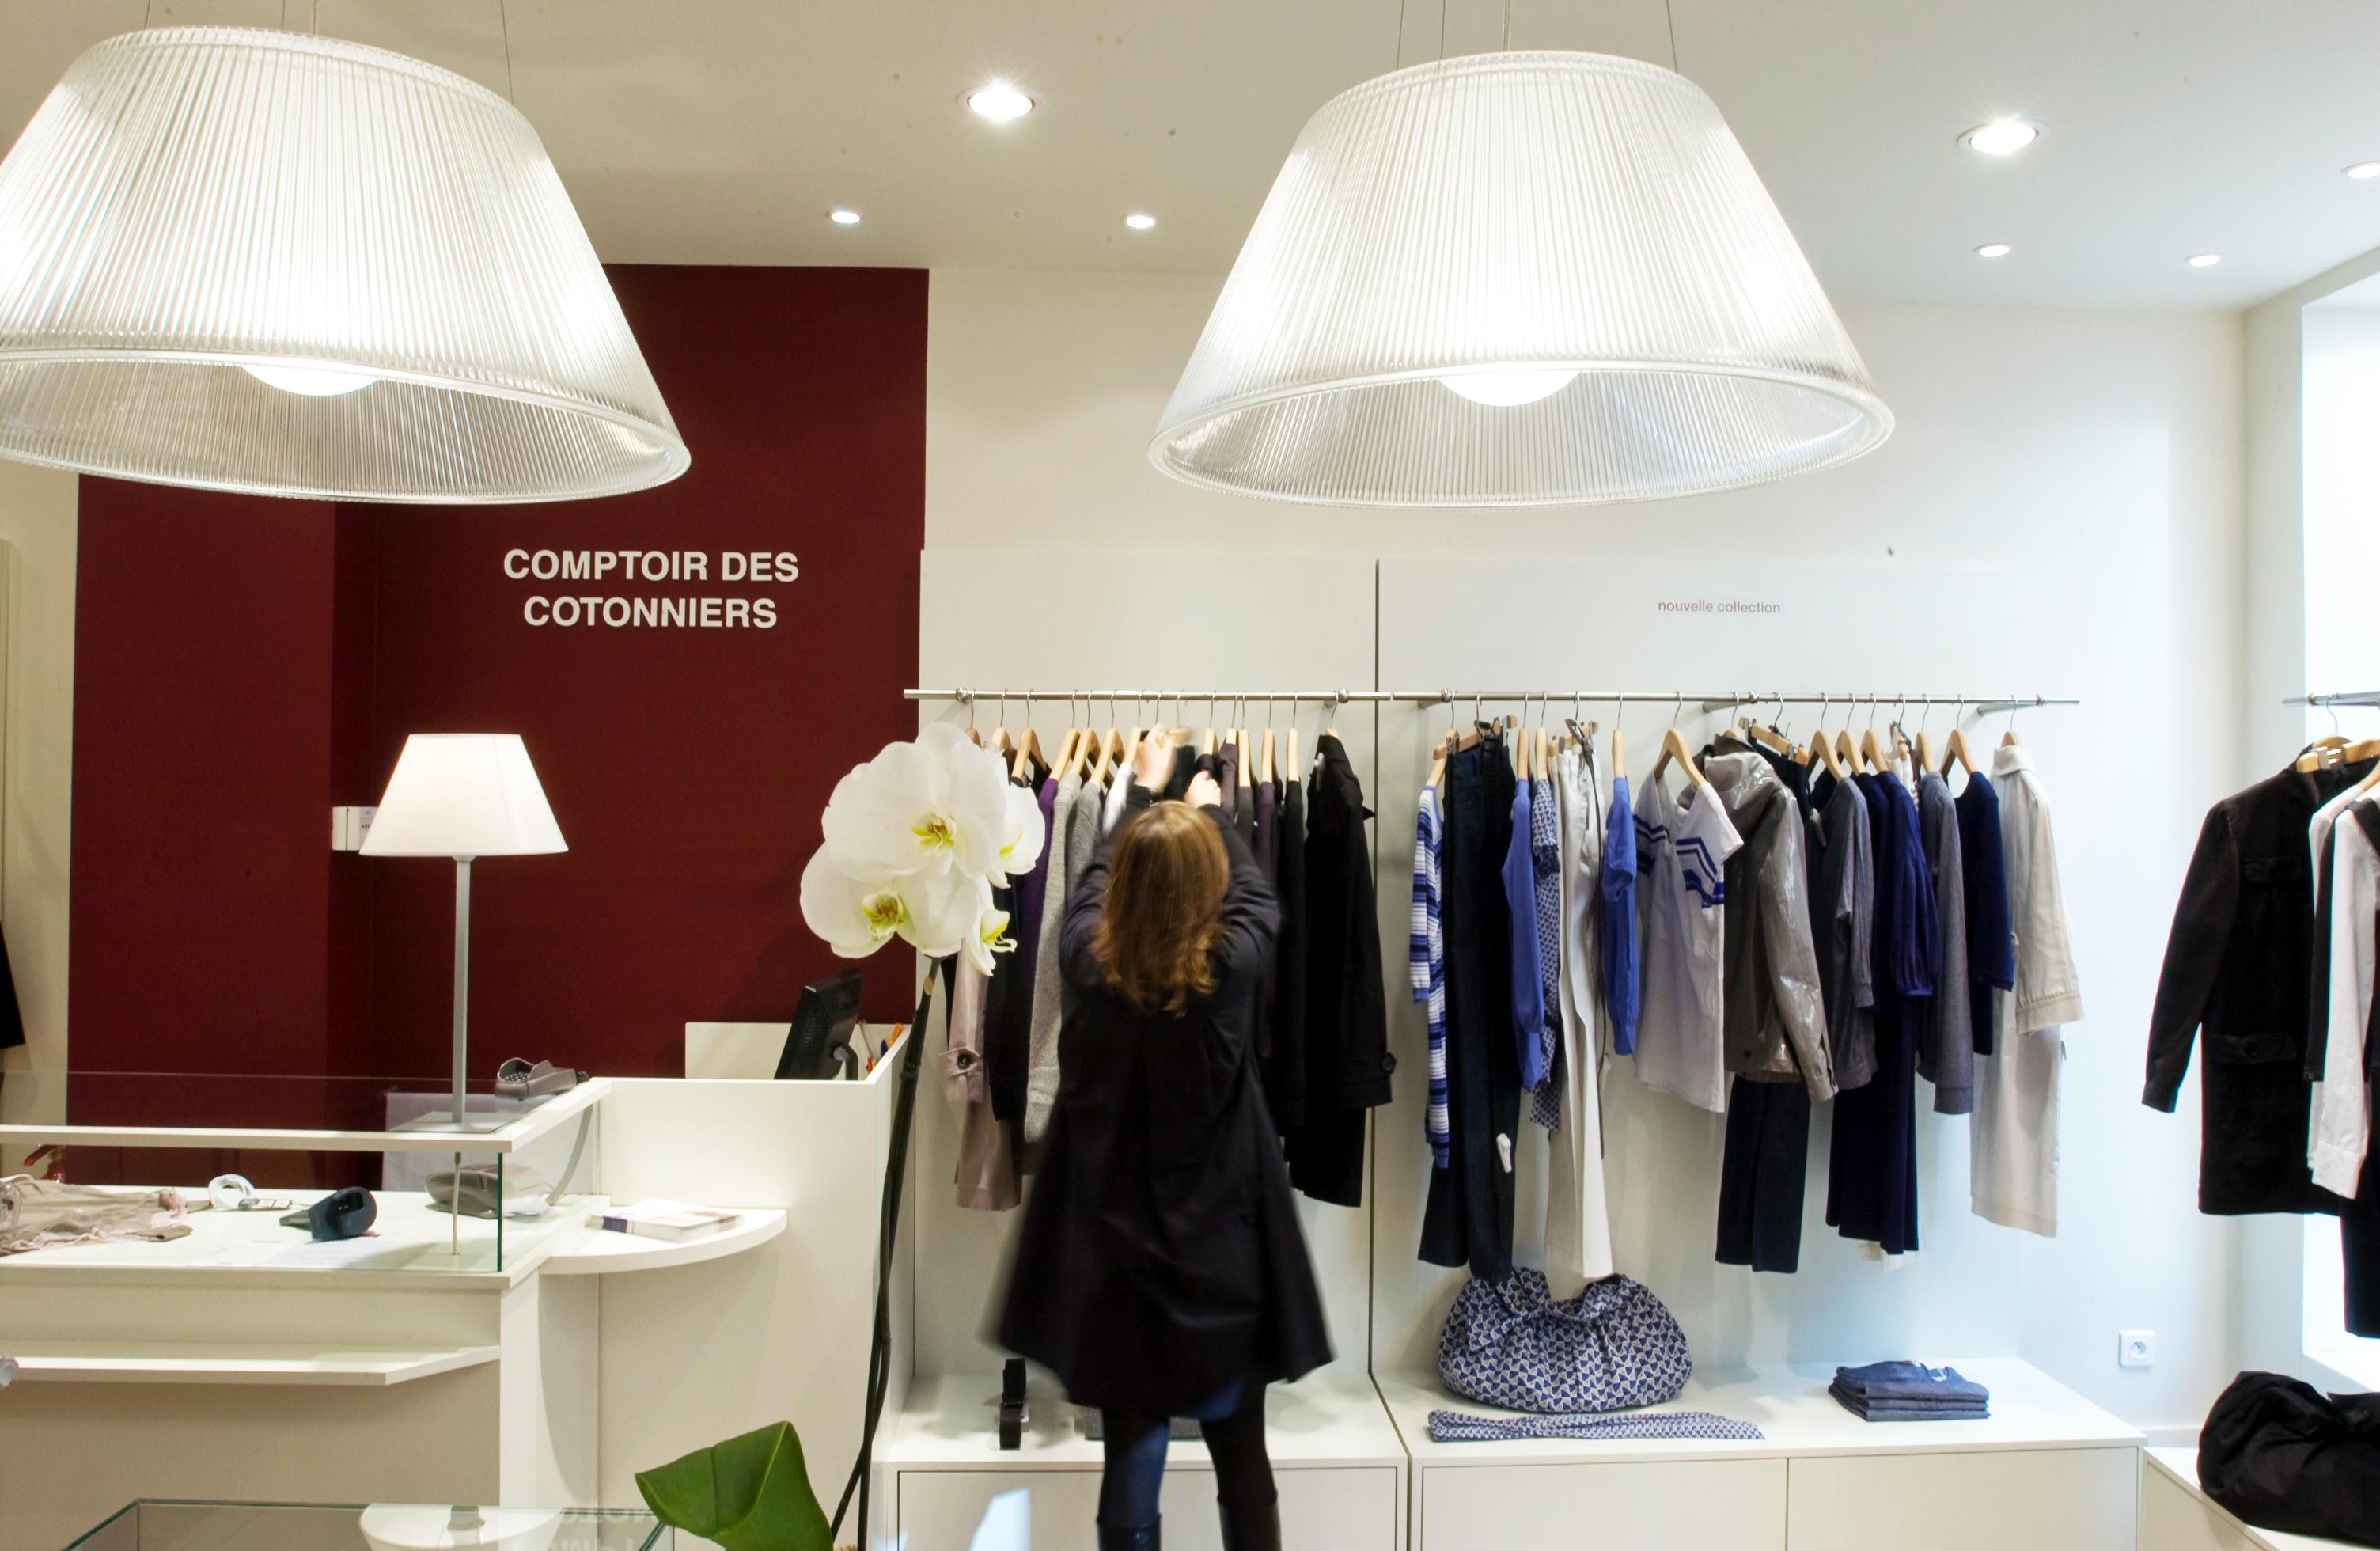 Comptoir des cotonniers shop online abiti donna - Comptoir des cotonniers outlet online ...